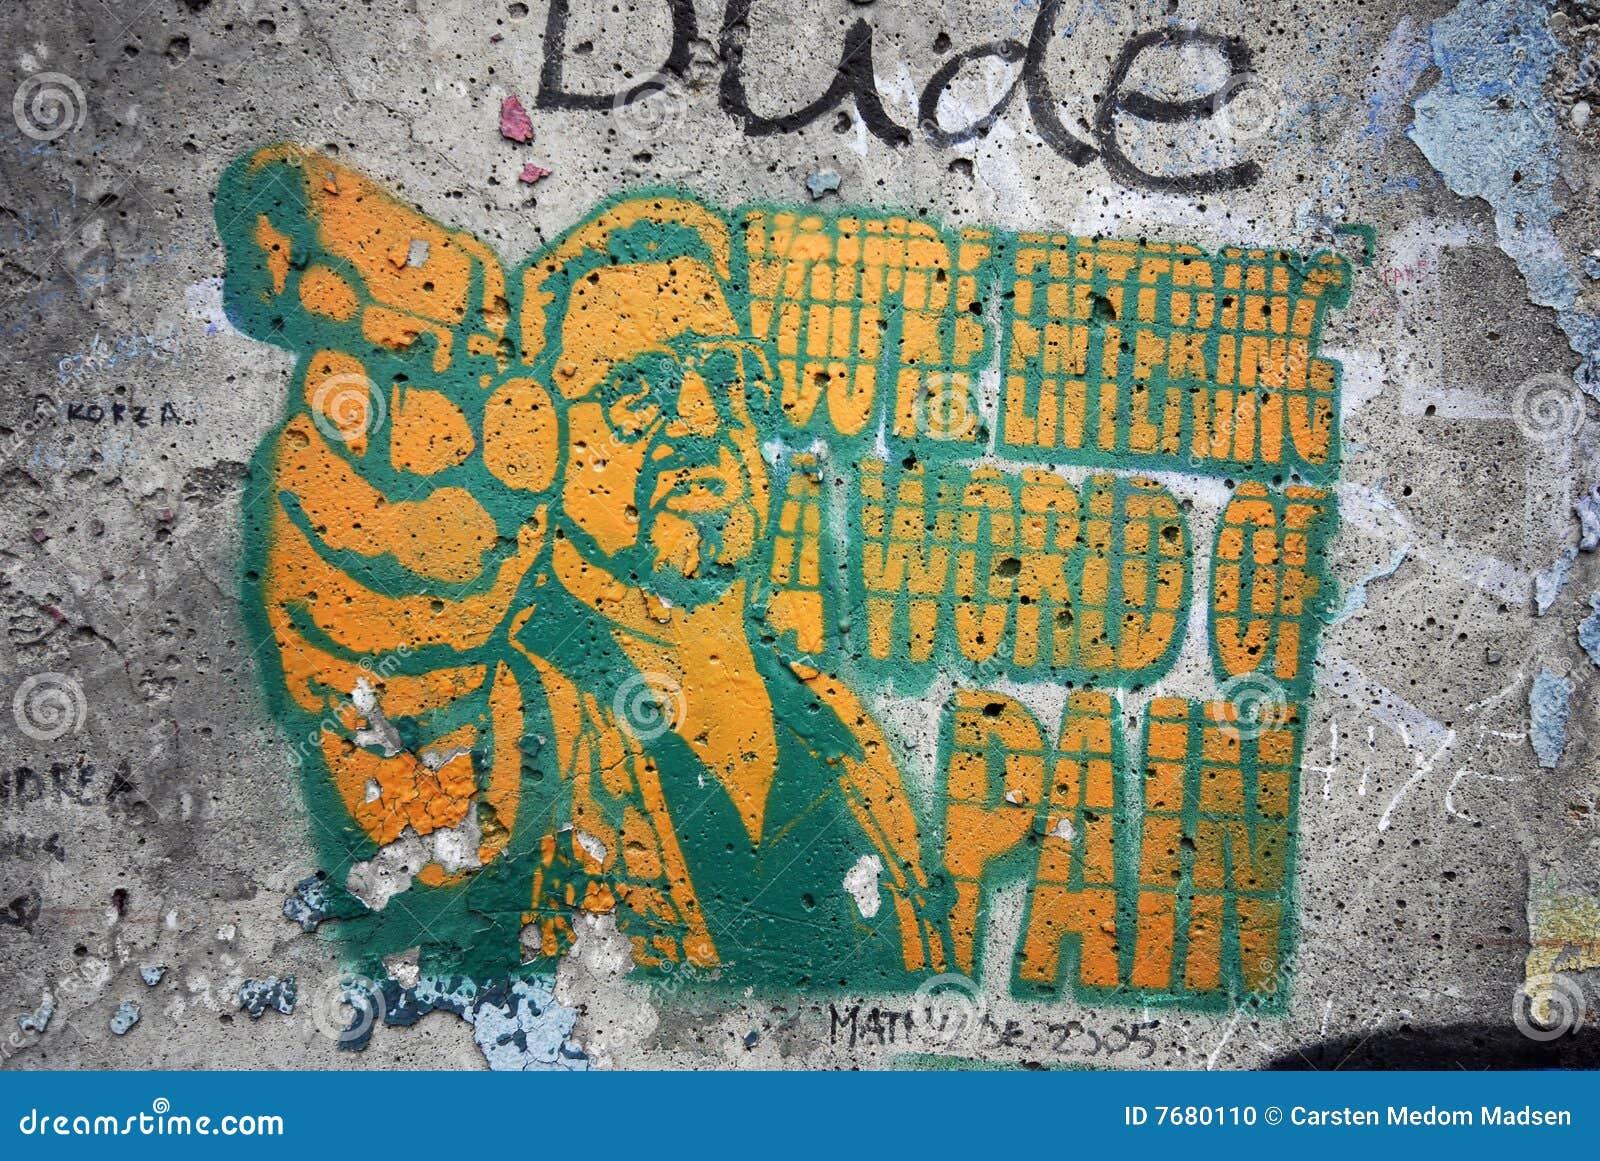 Grafiti wall berlin - Berlin Wall Graffiti Stock Photo